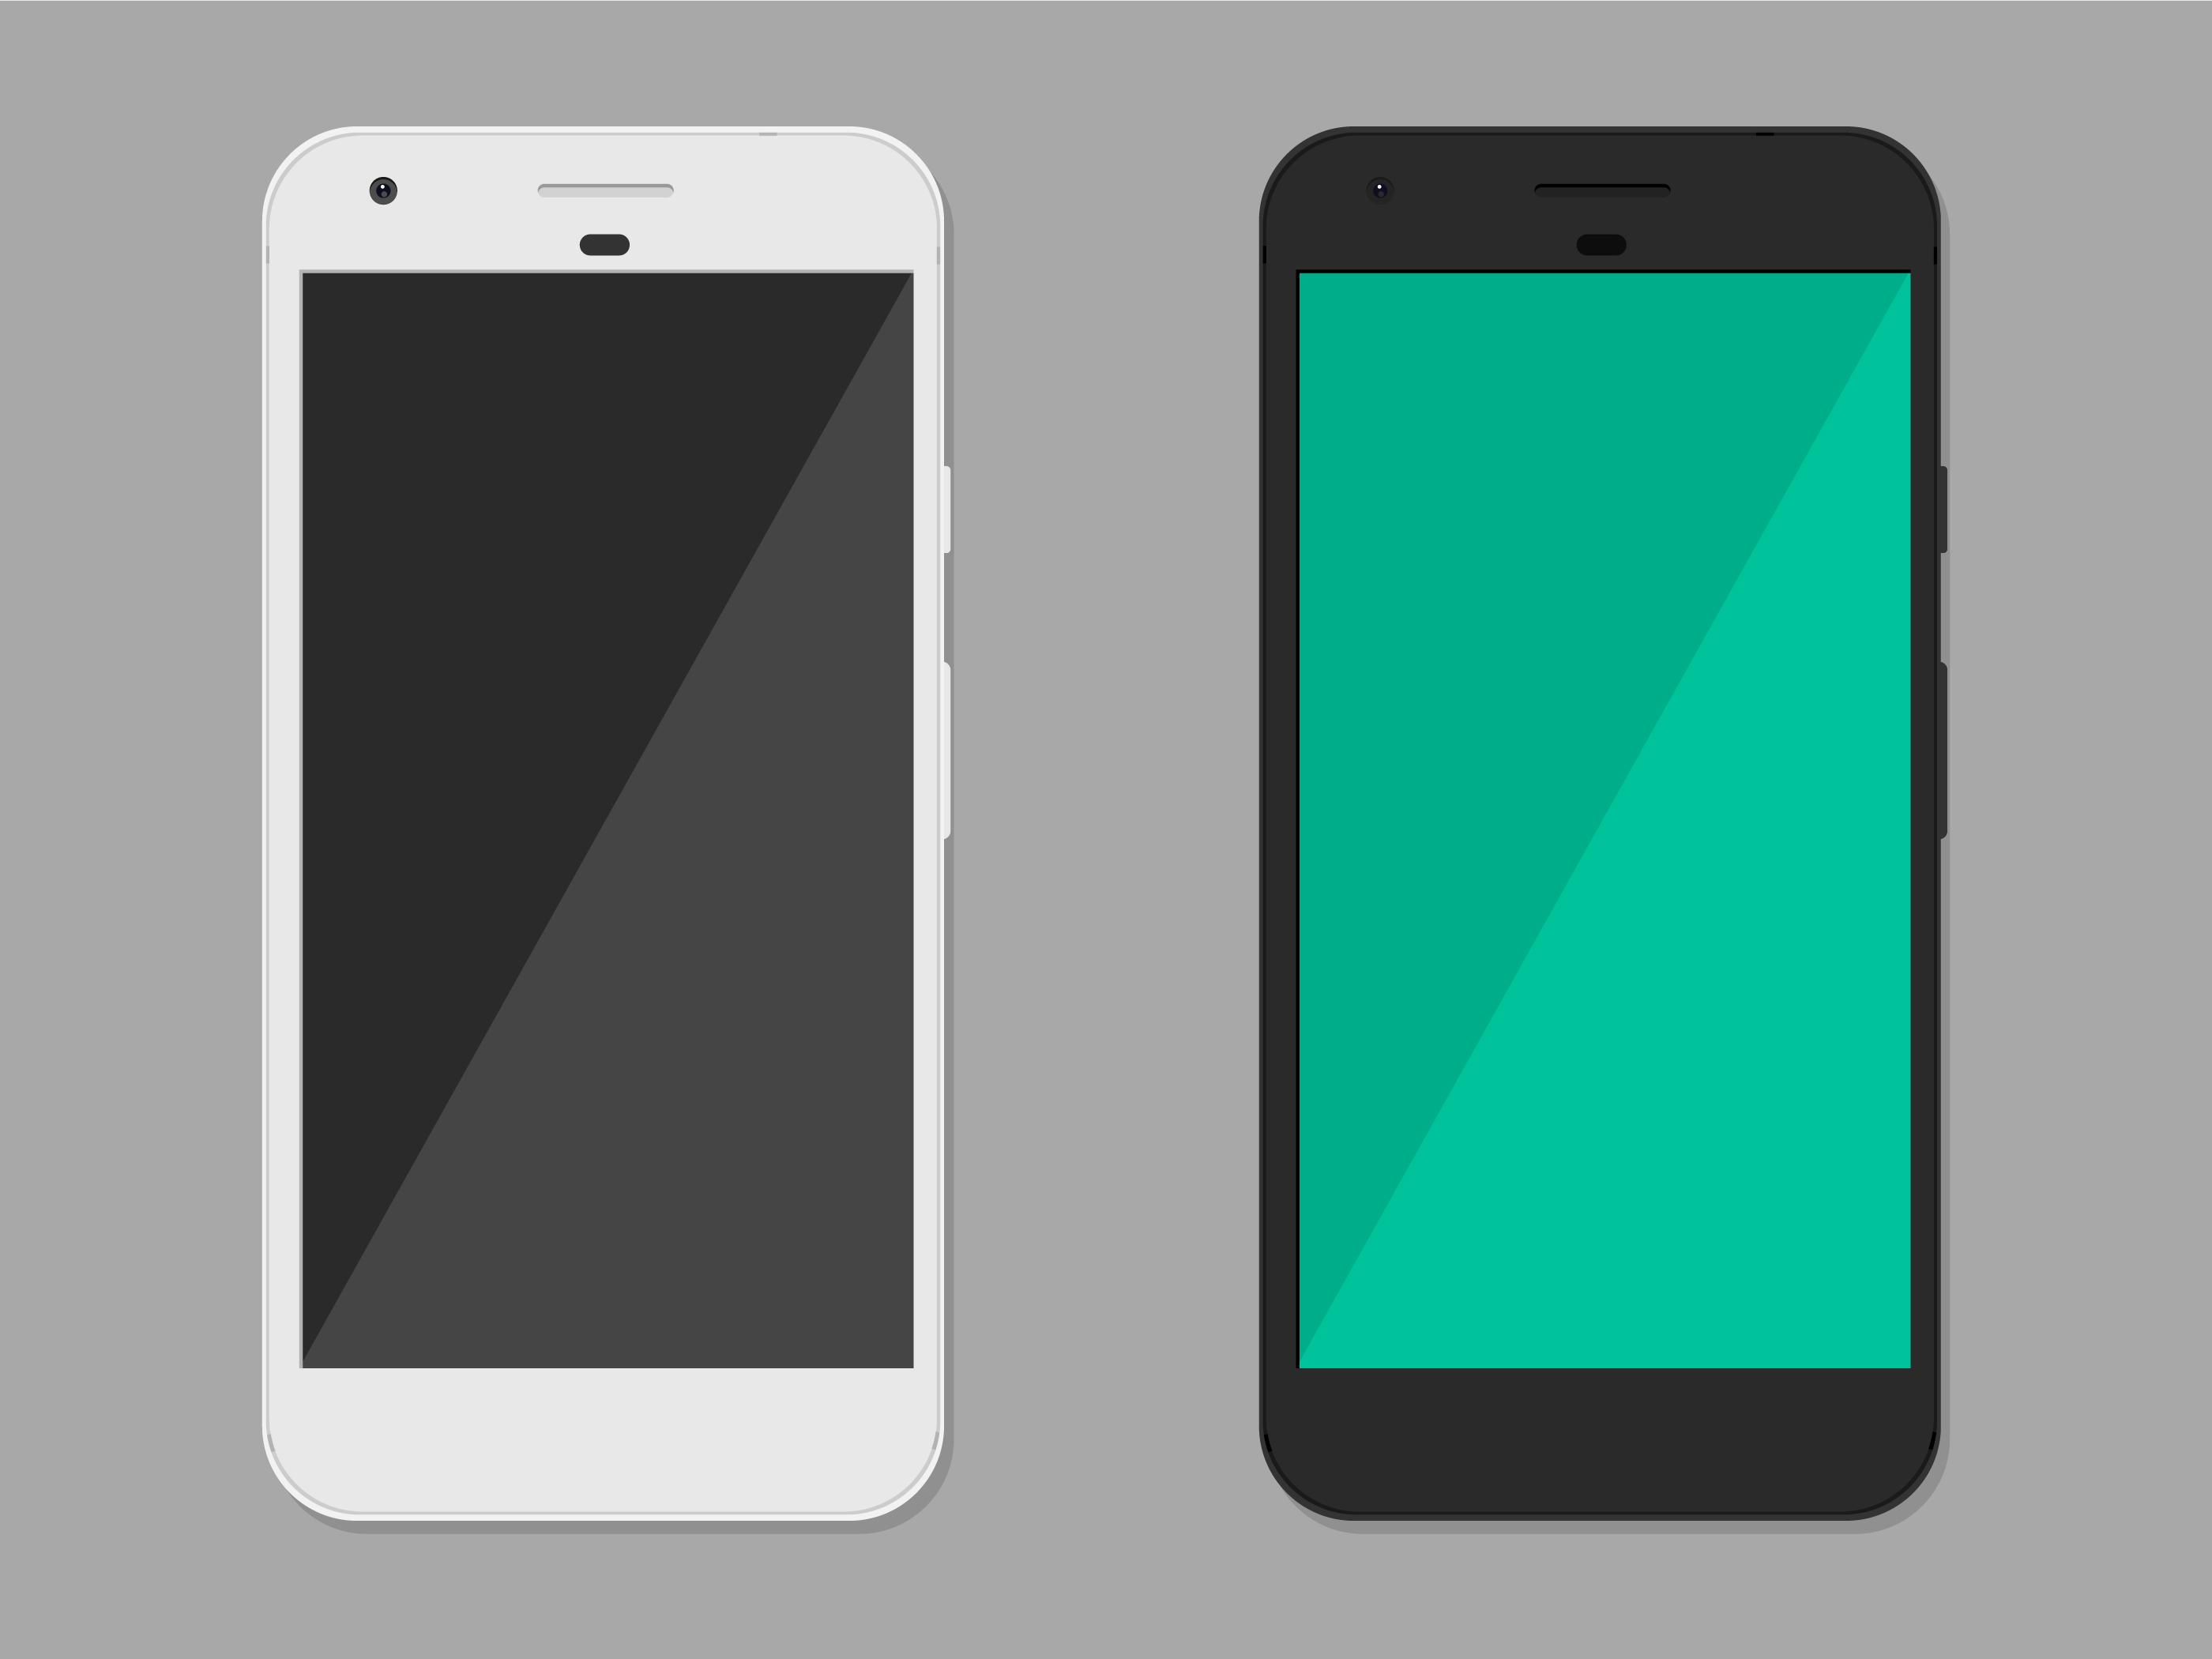 Google Pixel Smartphone Mockup Free Vector Art 6316